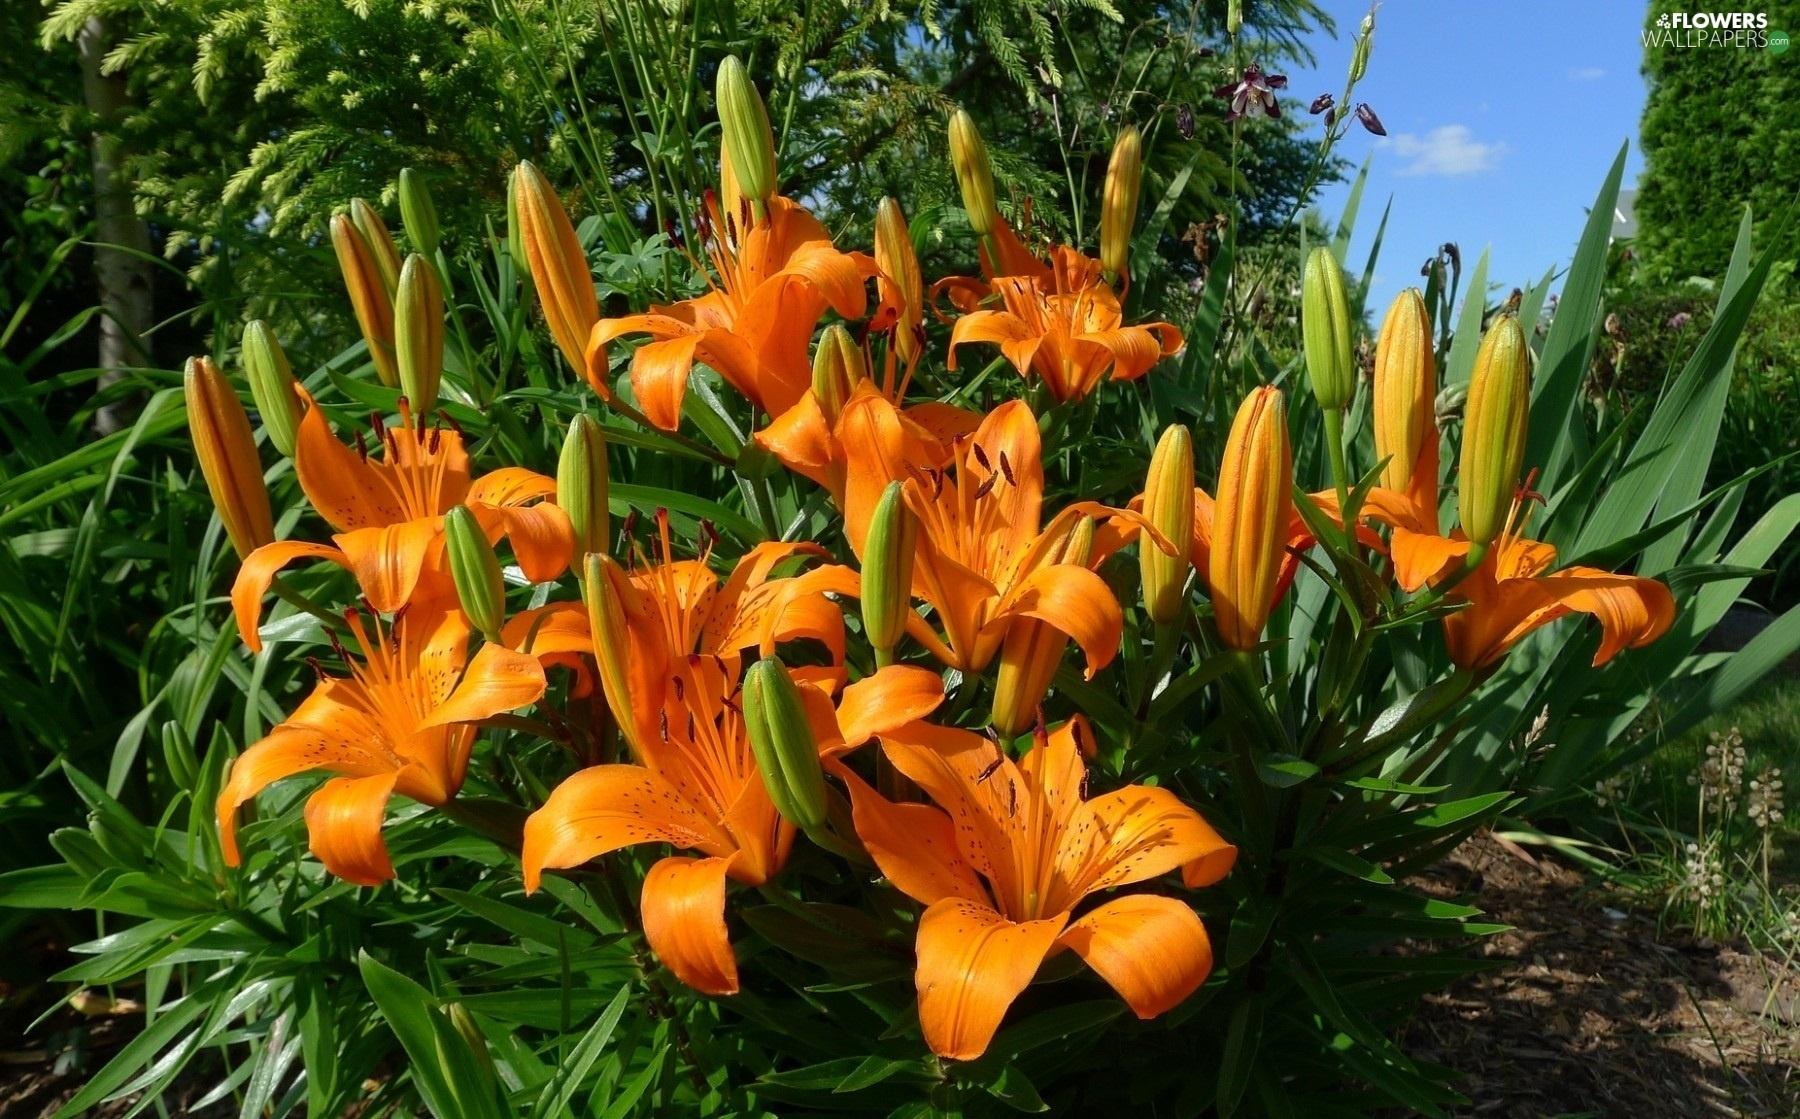 Flowerbed flowers tiger lilies flowers wallpapers 1800x1119 flowerbed flowers tiger lilies izmirmasajfo